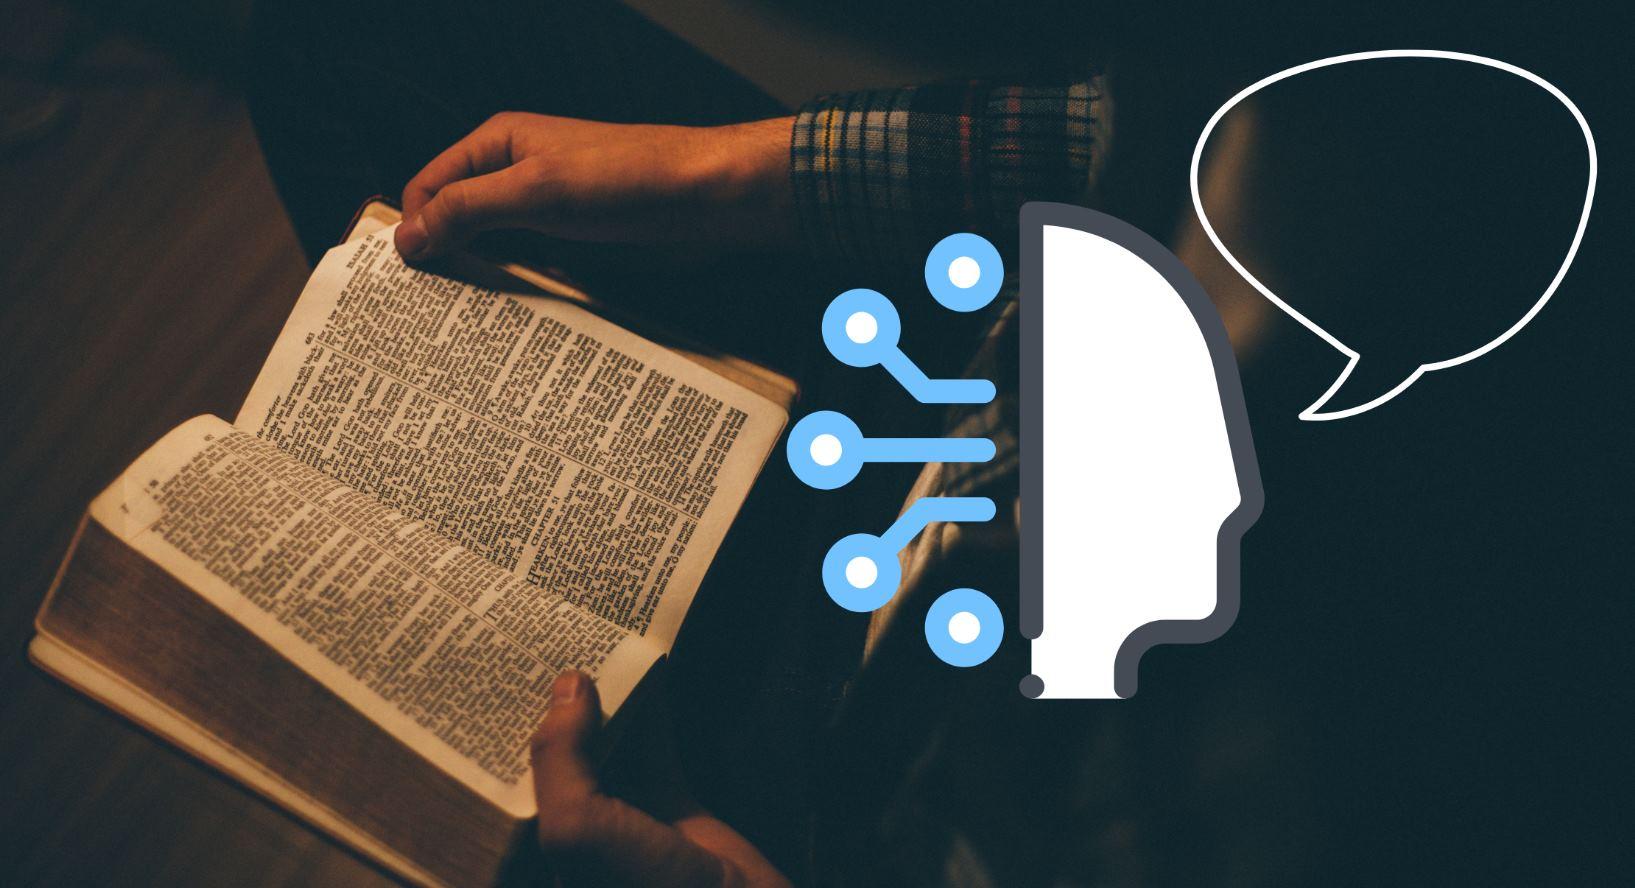 Jesús IA el proyecto basado en inteligencia artificial inspirado en la Biblia